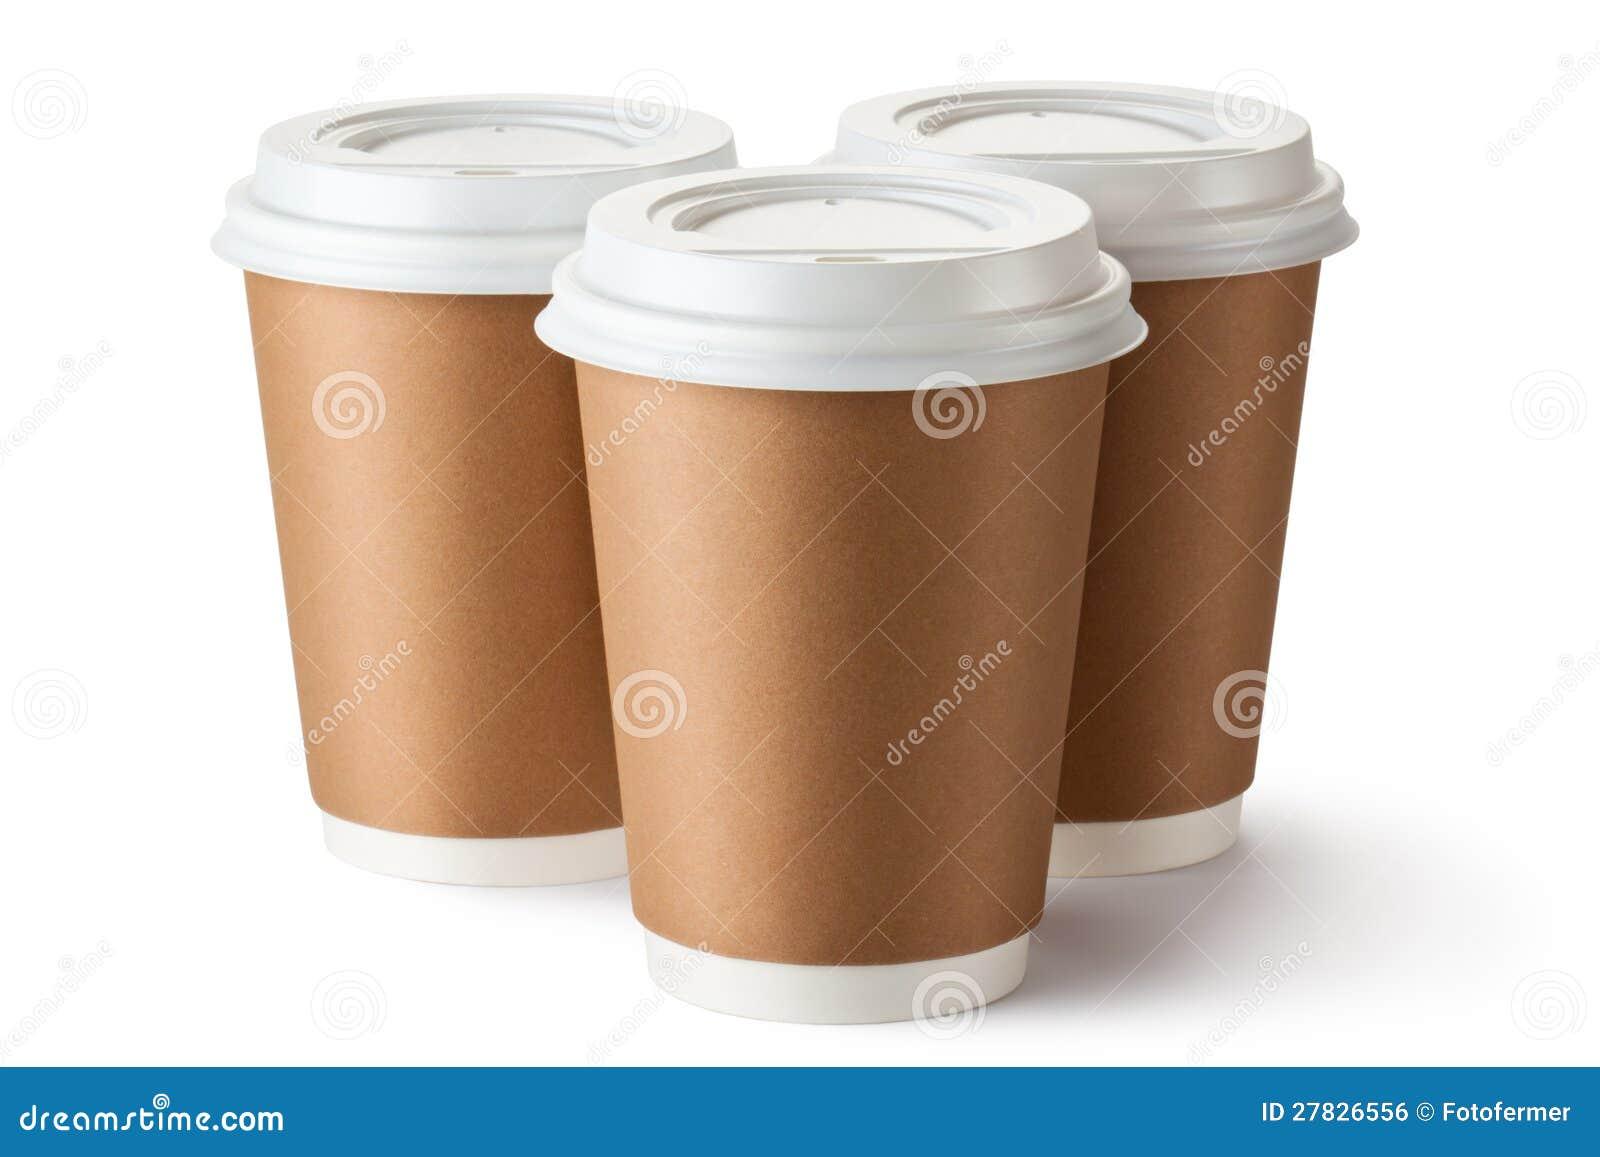 Caf para llevar tres en taza terma de la cartulina imagen for Cafe para llevar